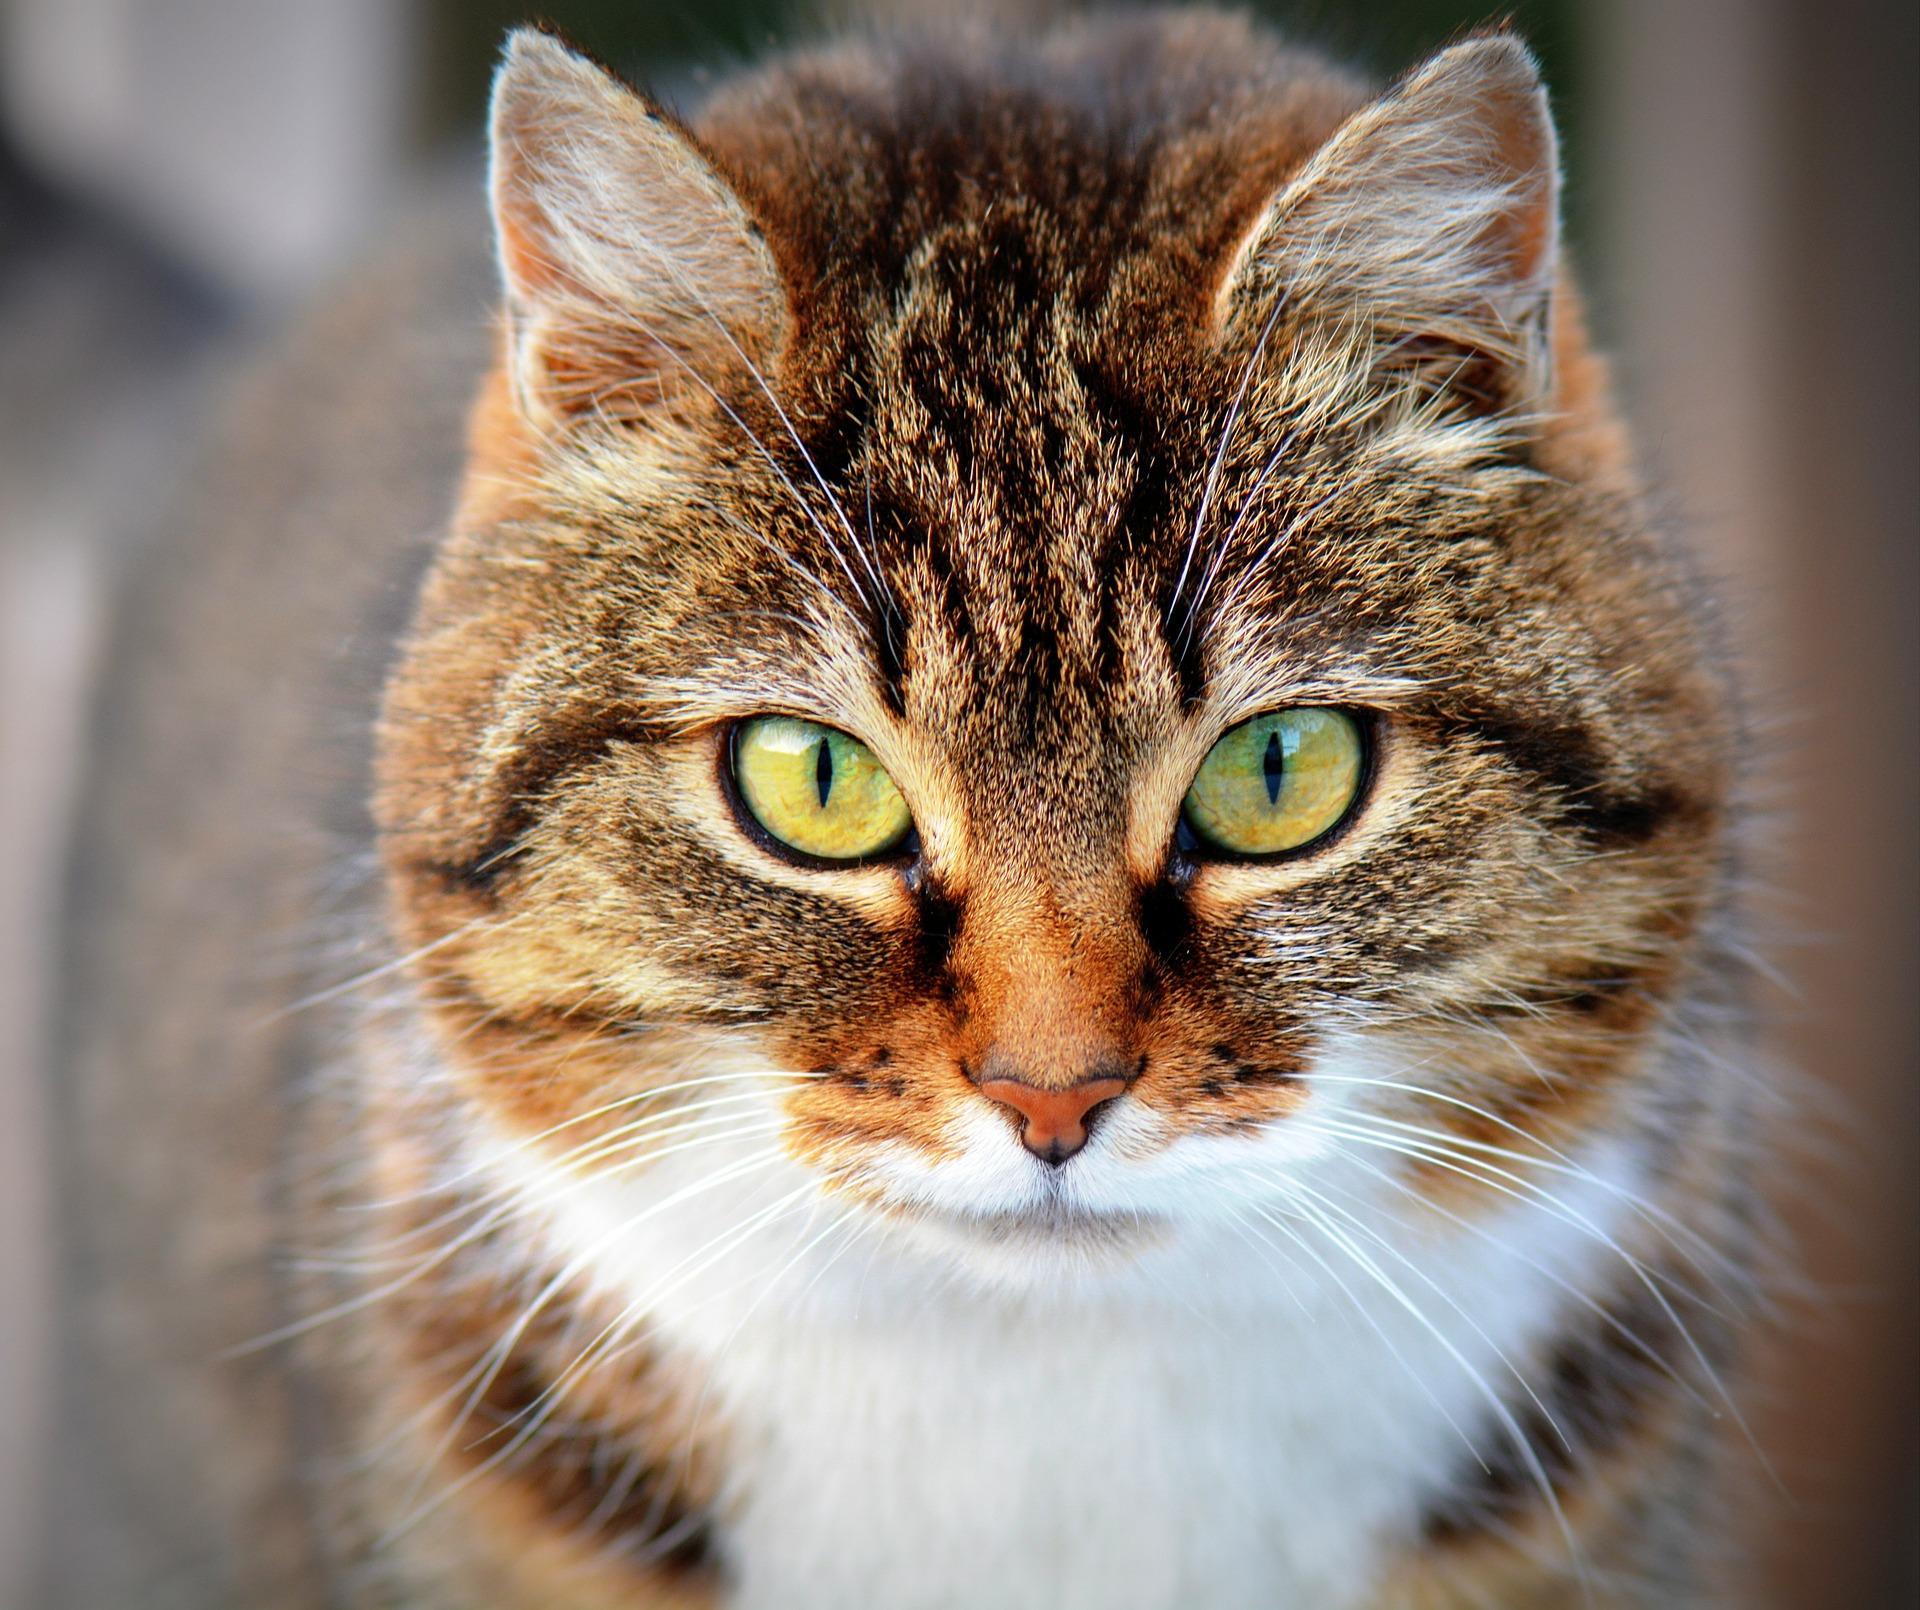 Katze wird immer dunner